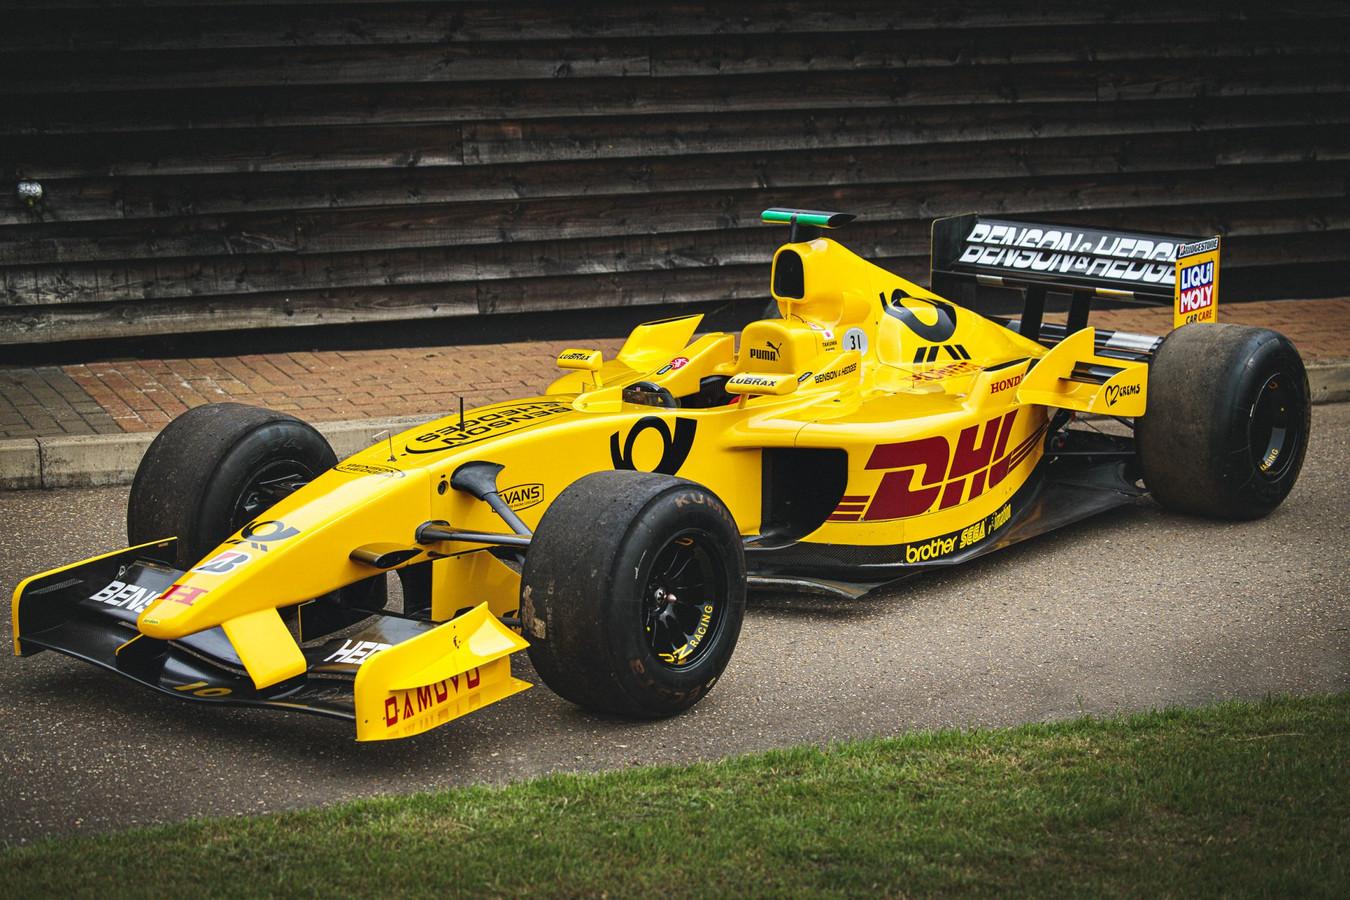 Je kunt je vanaf heden zelf een F1-coureur wanen door te rijden in deze Jordan.